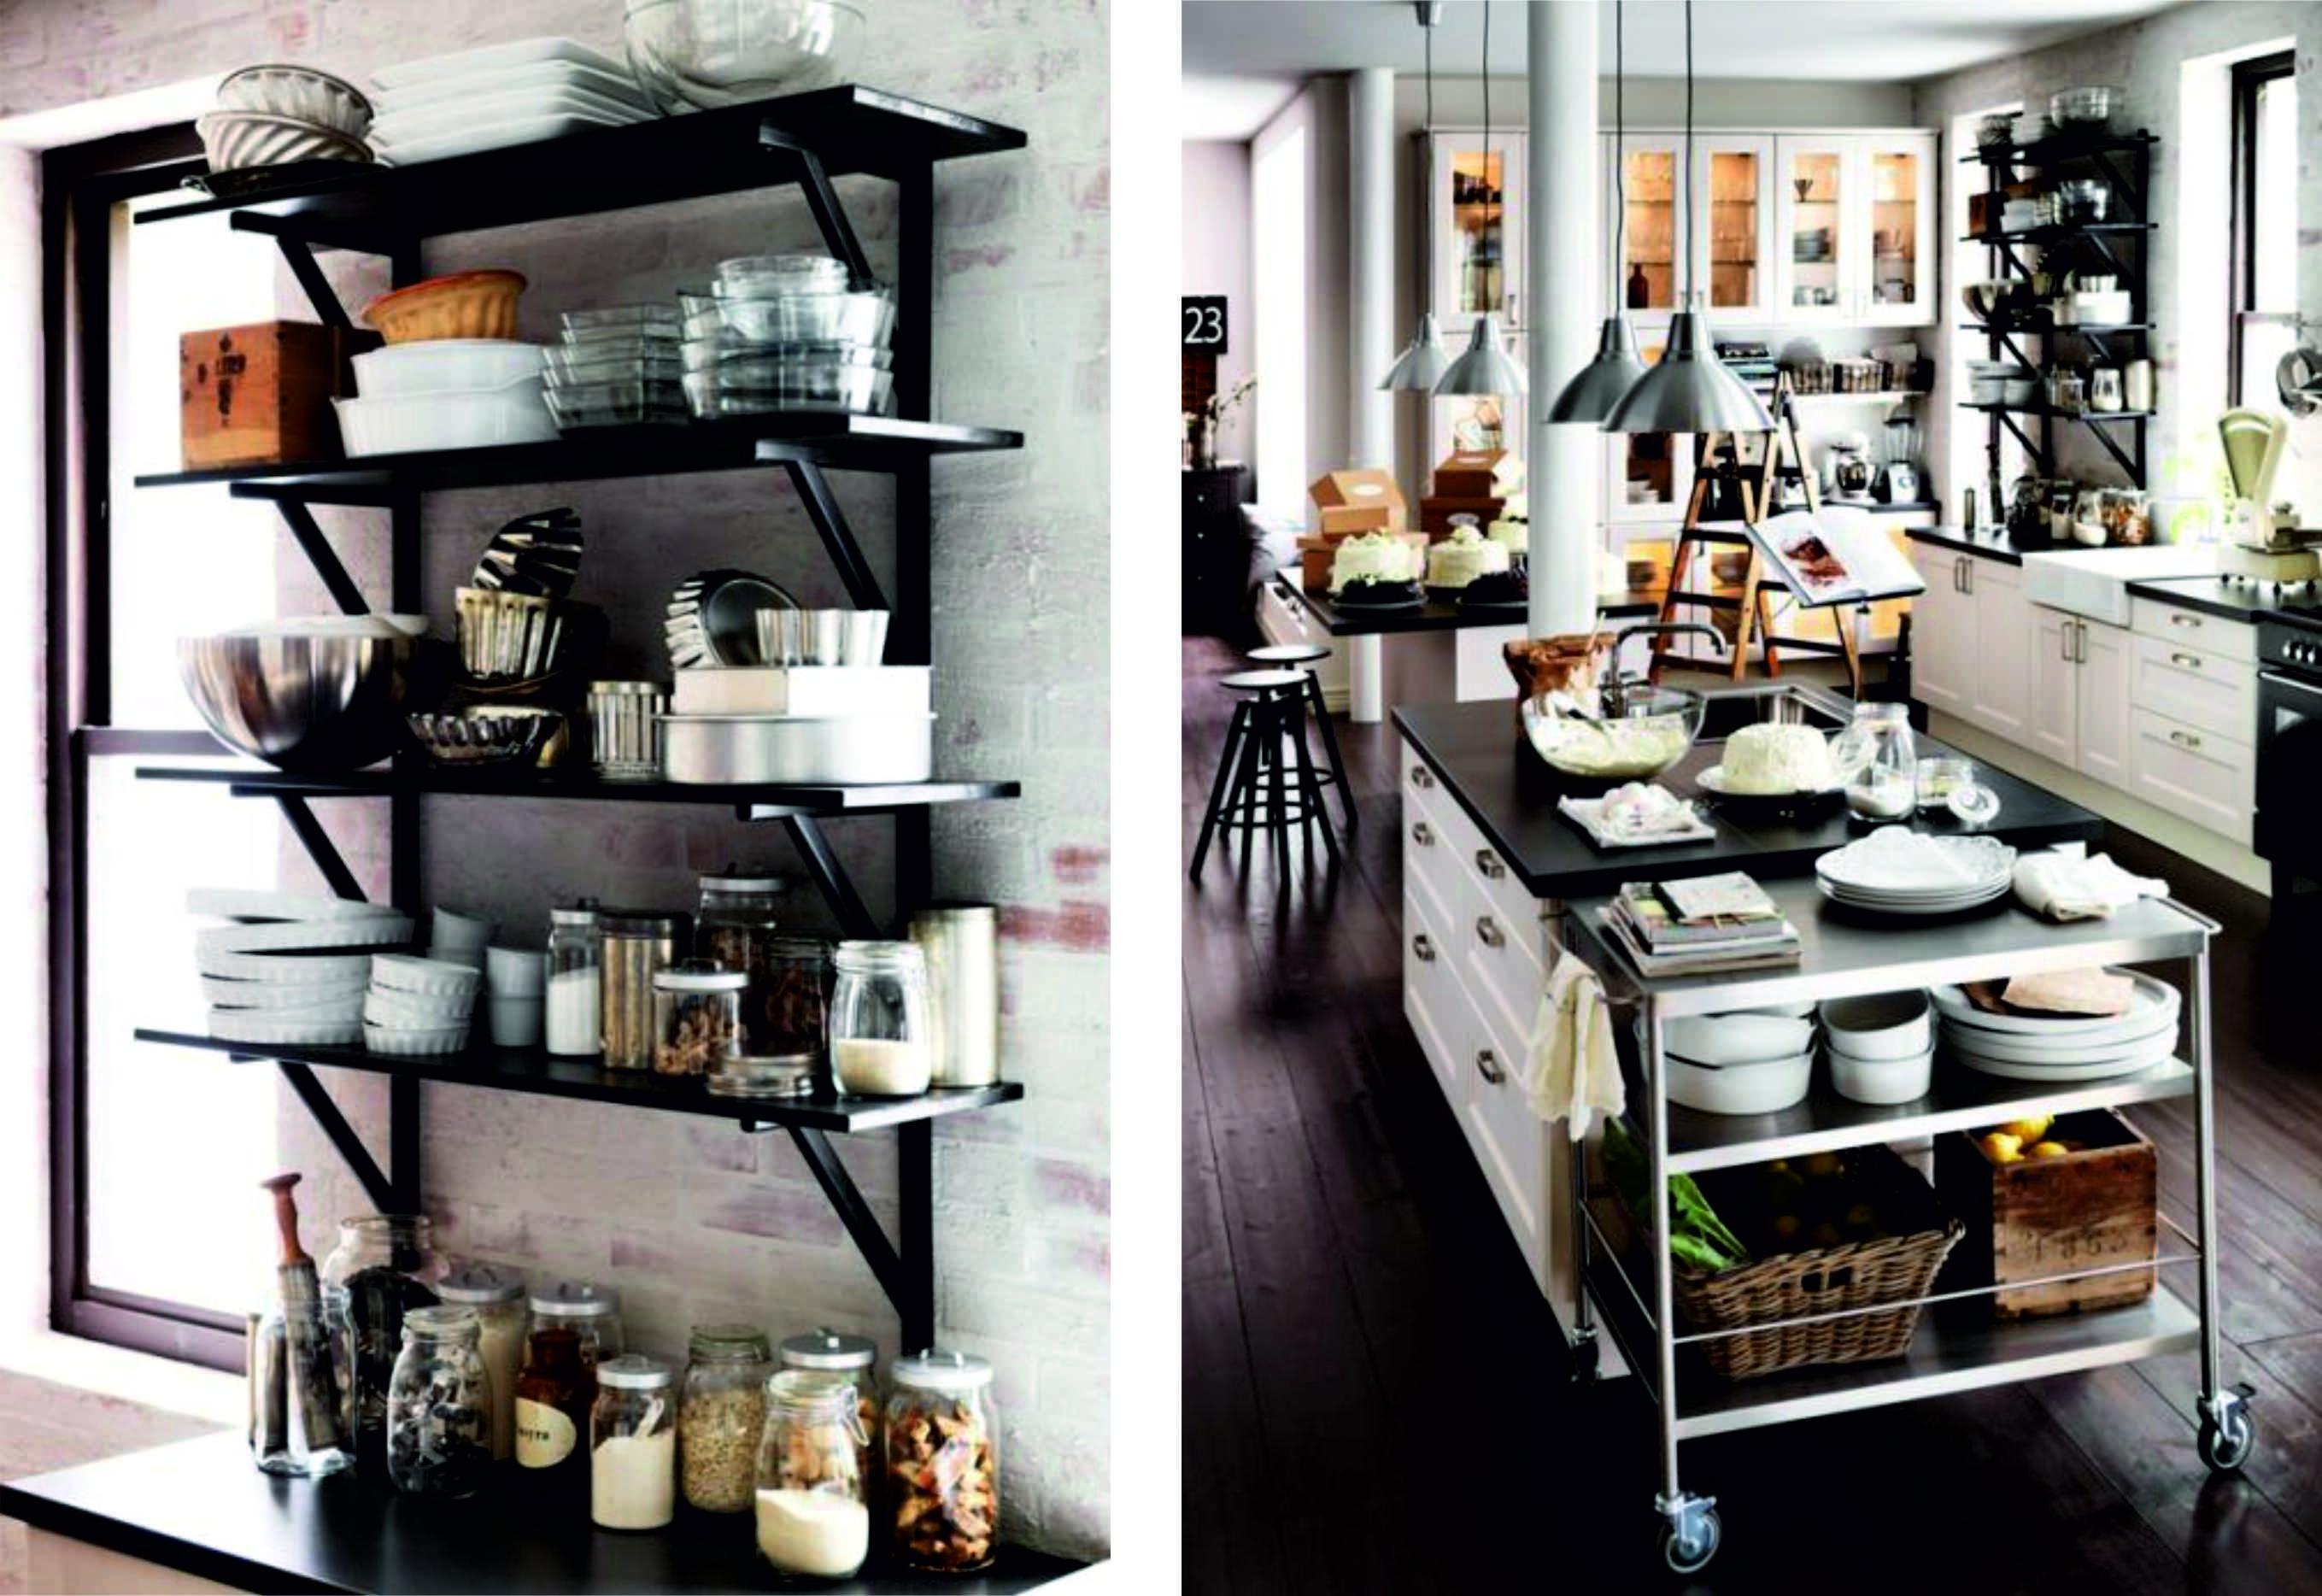 Renovar la cocina sin obras qcruz design un espacio - Muebles auxiliares cocina ...